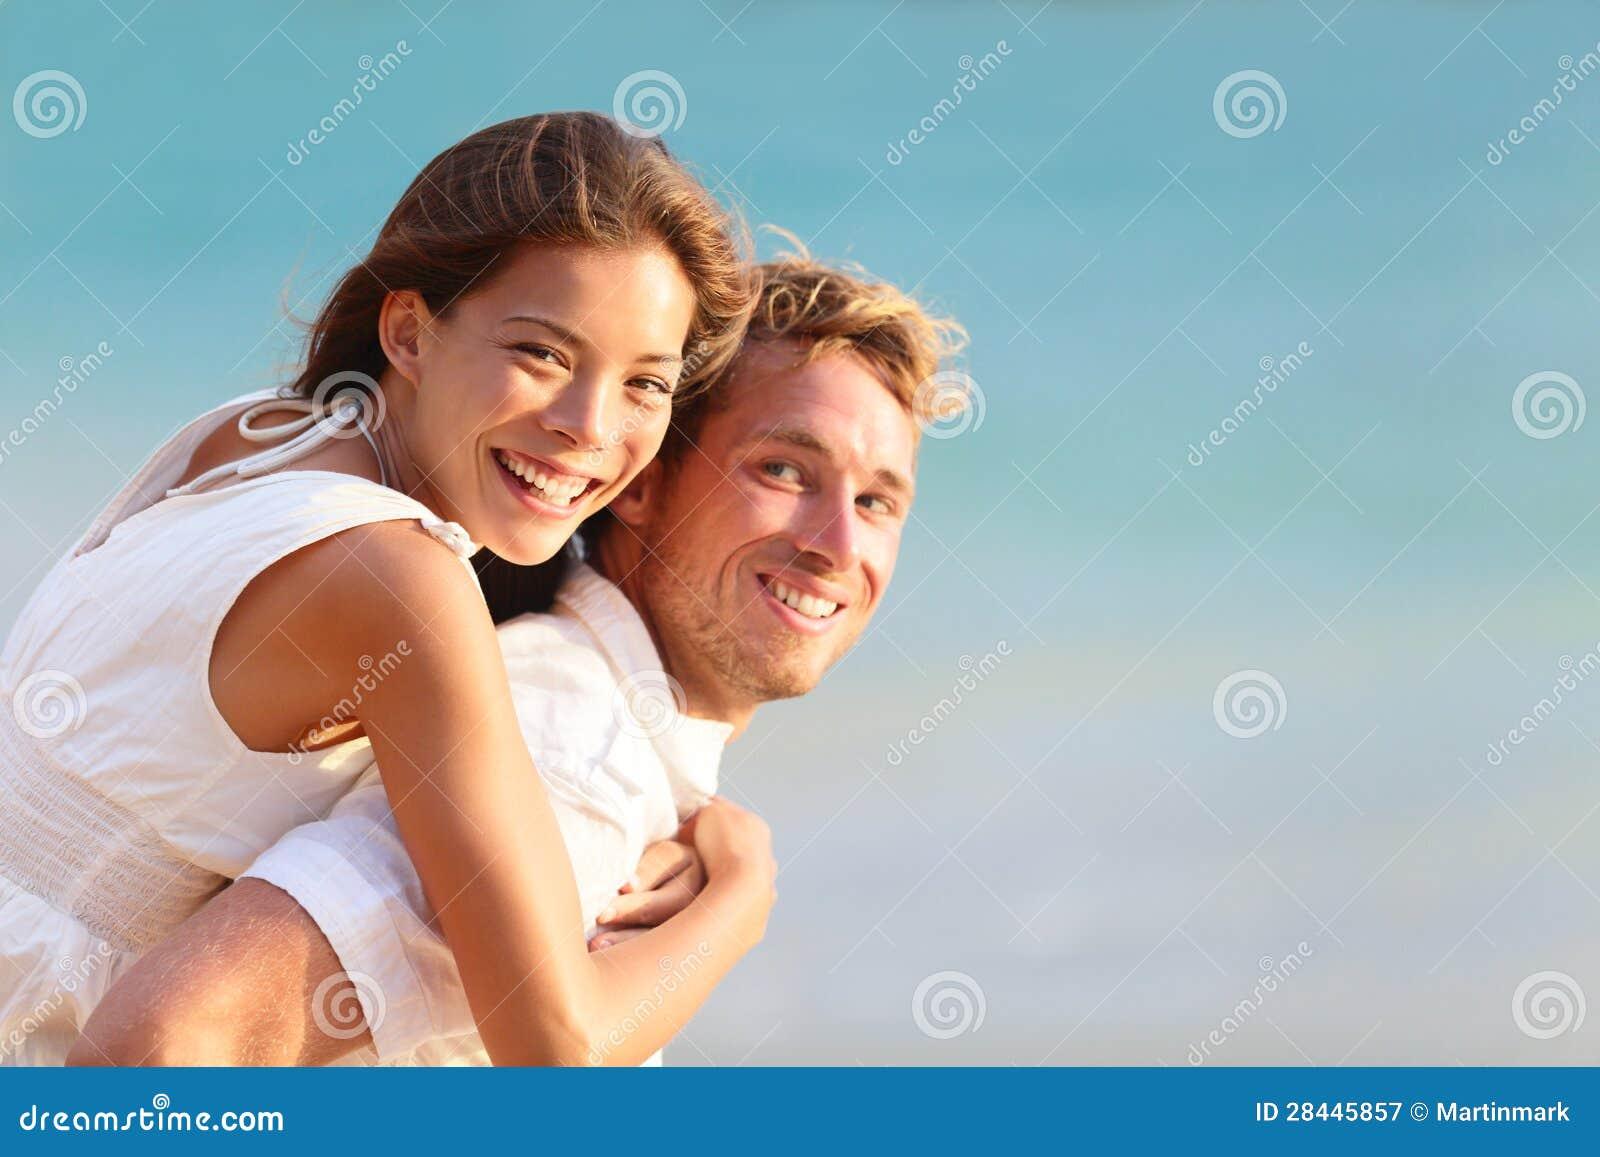 多种族人员: 愉快的夫妇肩扛